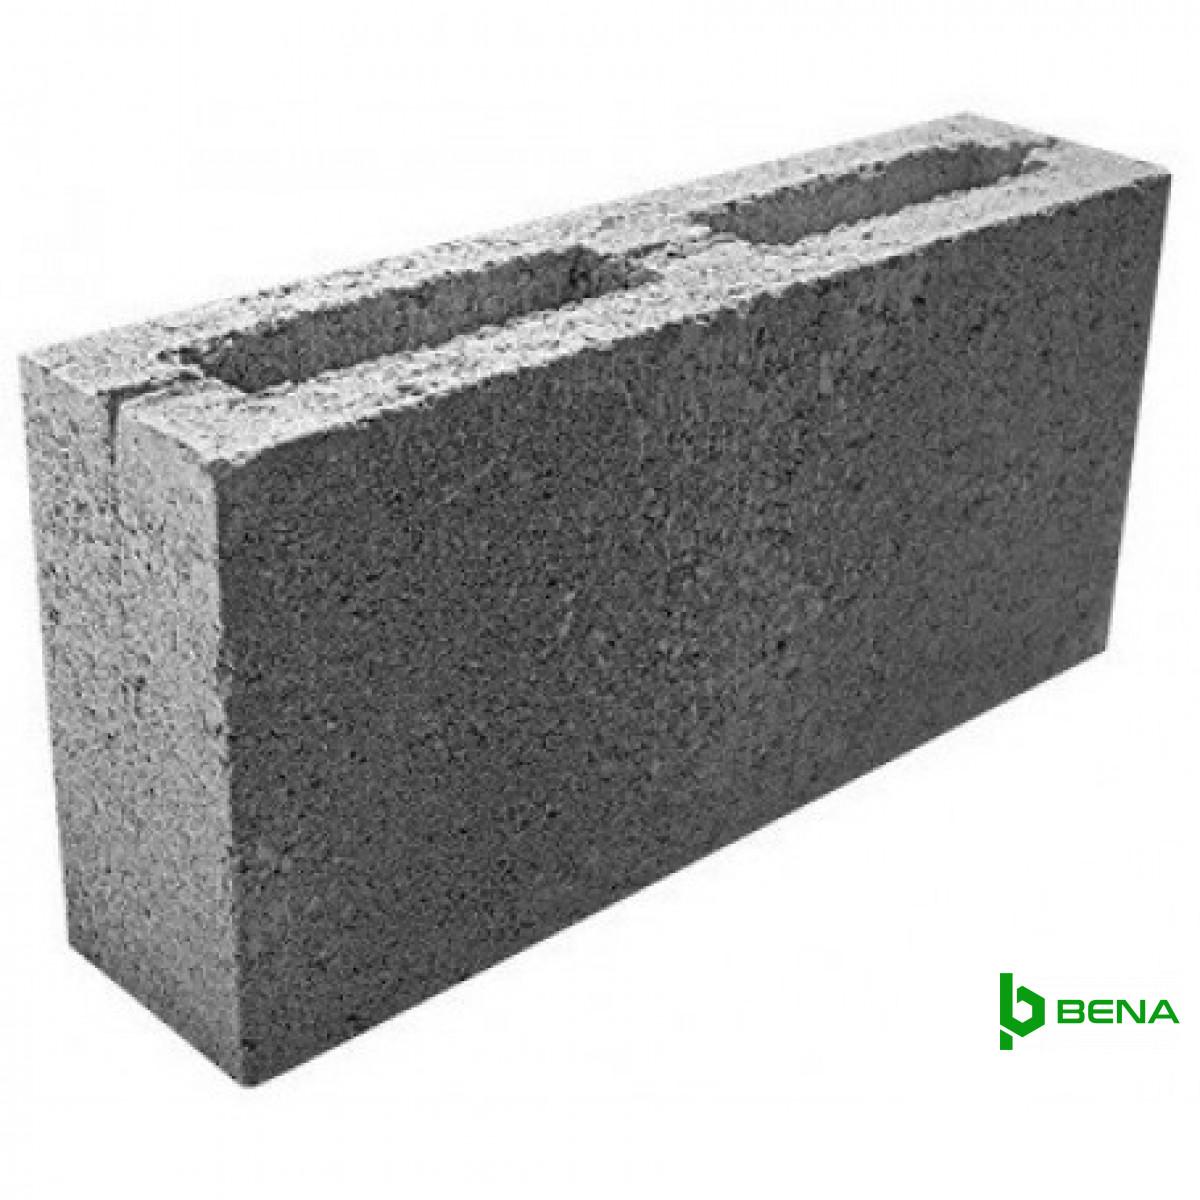 Блок бетонный перегородочный Bena 390х190х90 мм